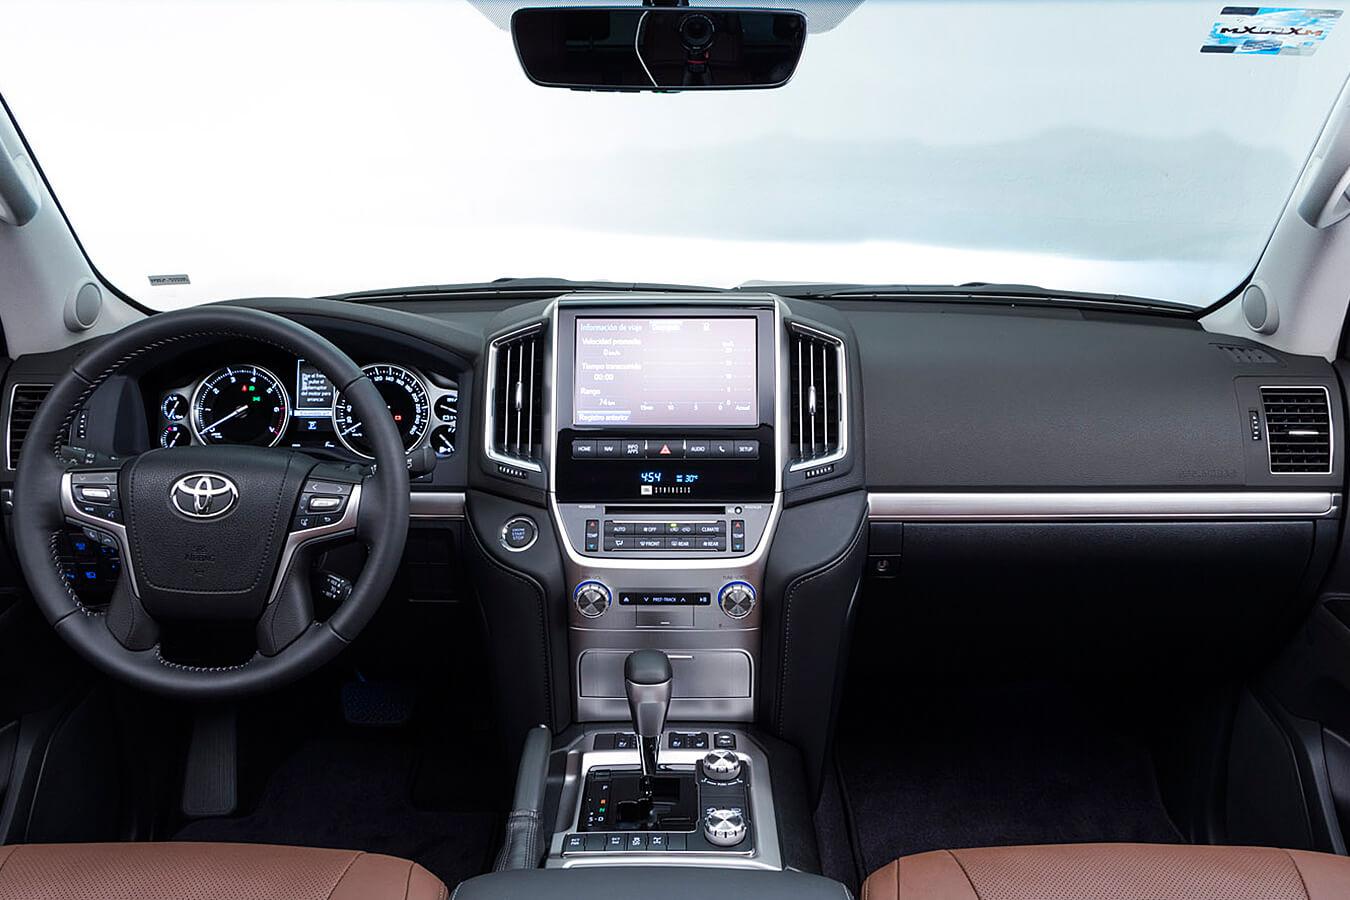 La Toyota Land Cruiser tiene buen espacio interior